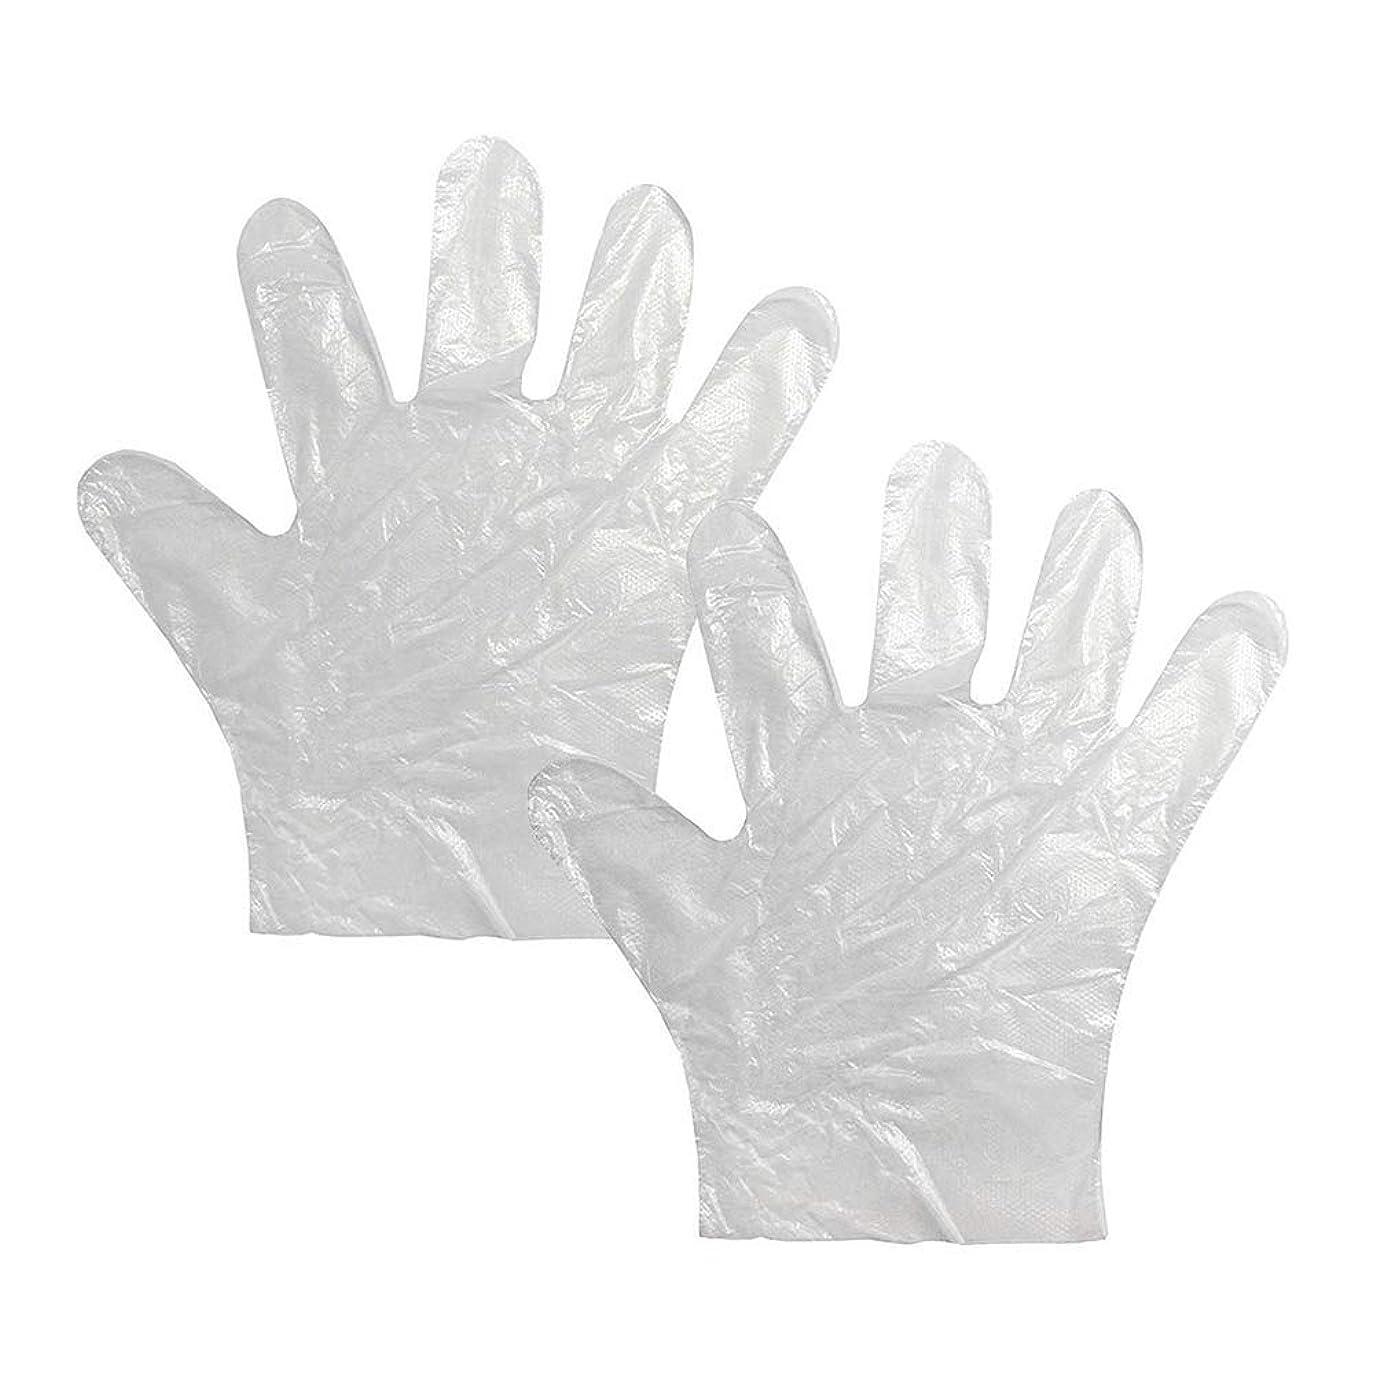 一時的変換返済使い捨て手袋 極薄ビニール手袋 耐久性が強い上に軽く高品質 透明100枚*2セット